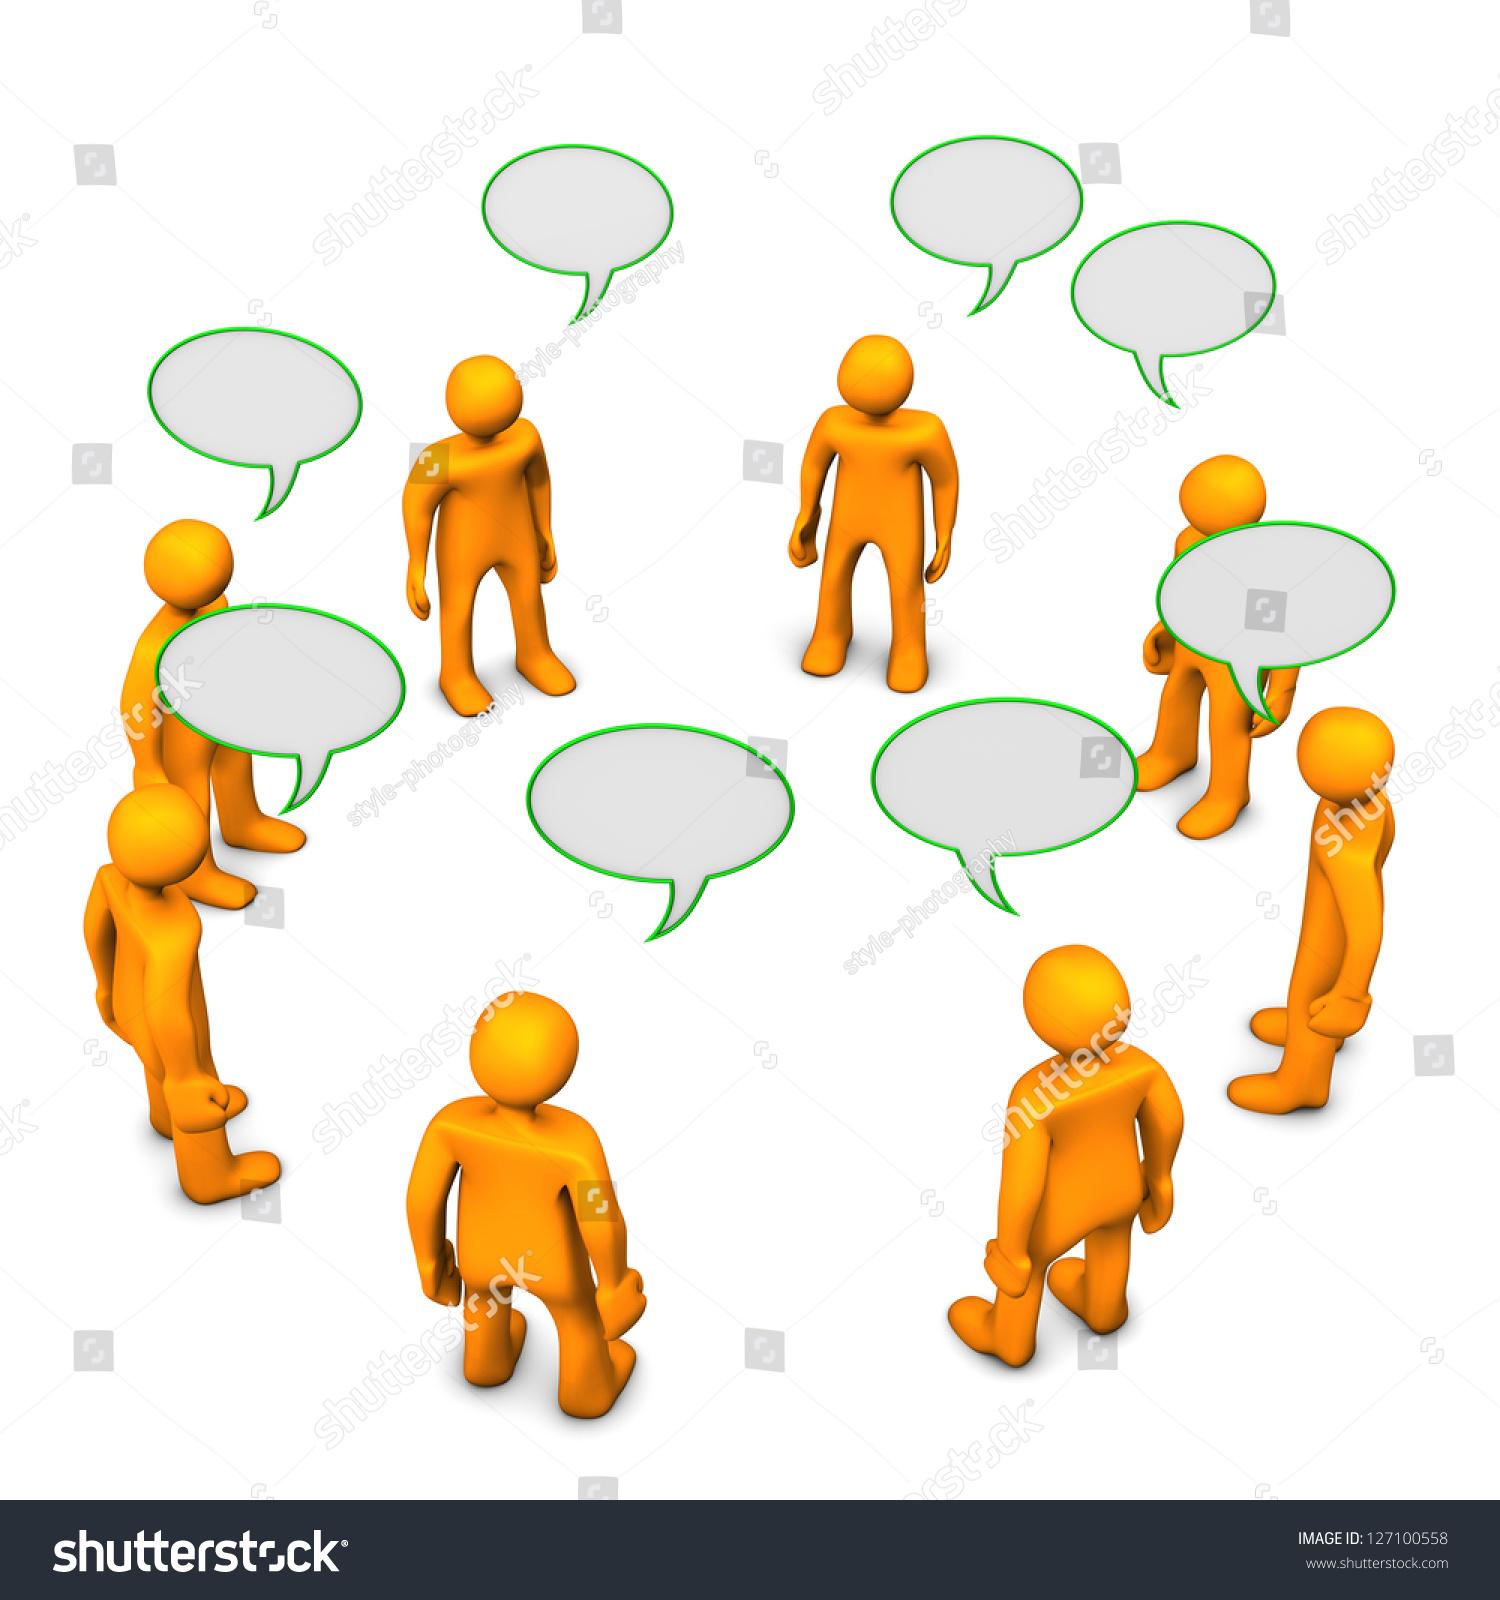 橙色的卡通人物在讨论.白色背景.-商业/金融-海洛创意